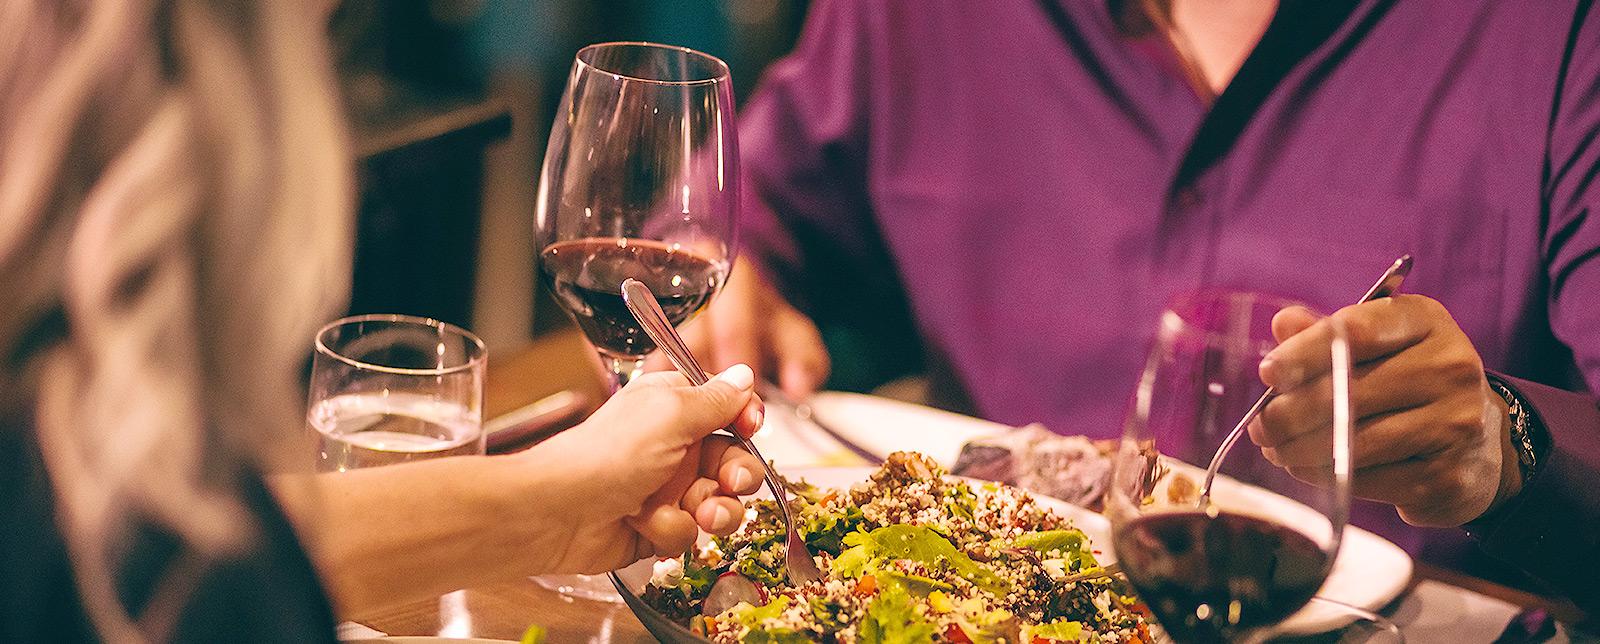 Dining at Hotel Pentagon Arlington, Virginia